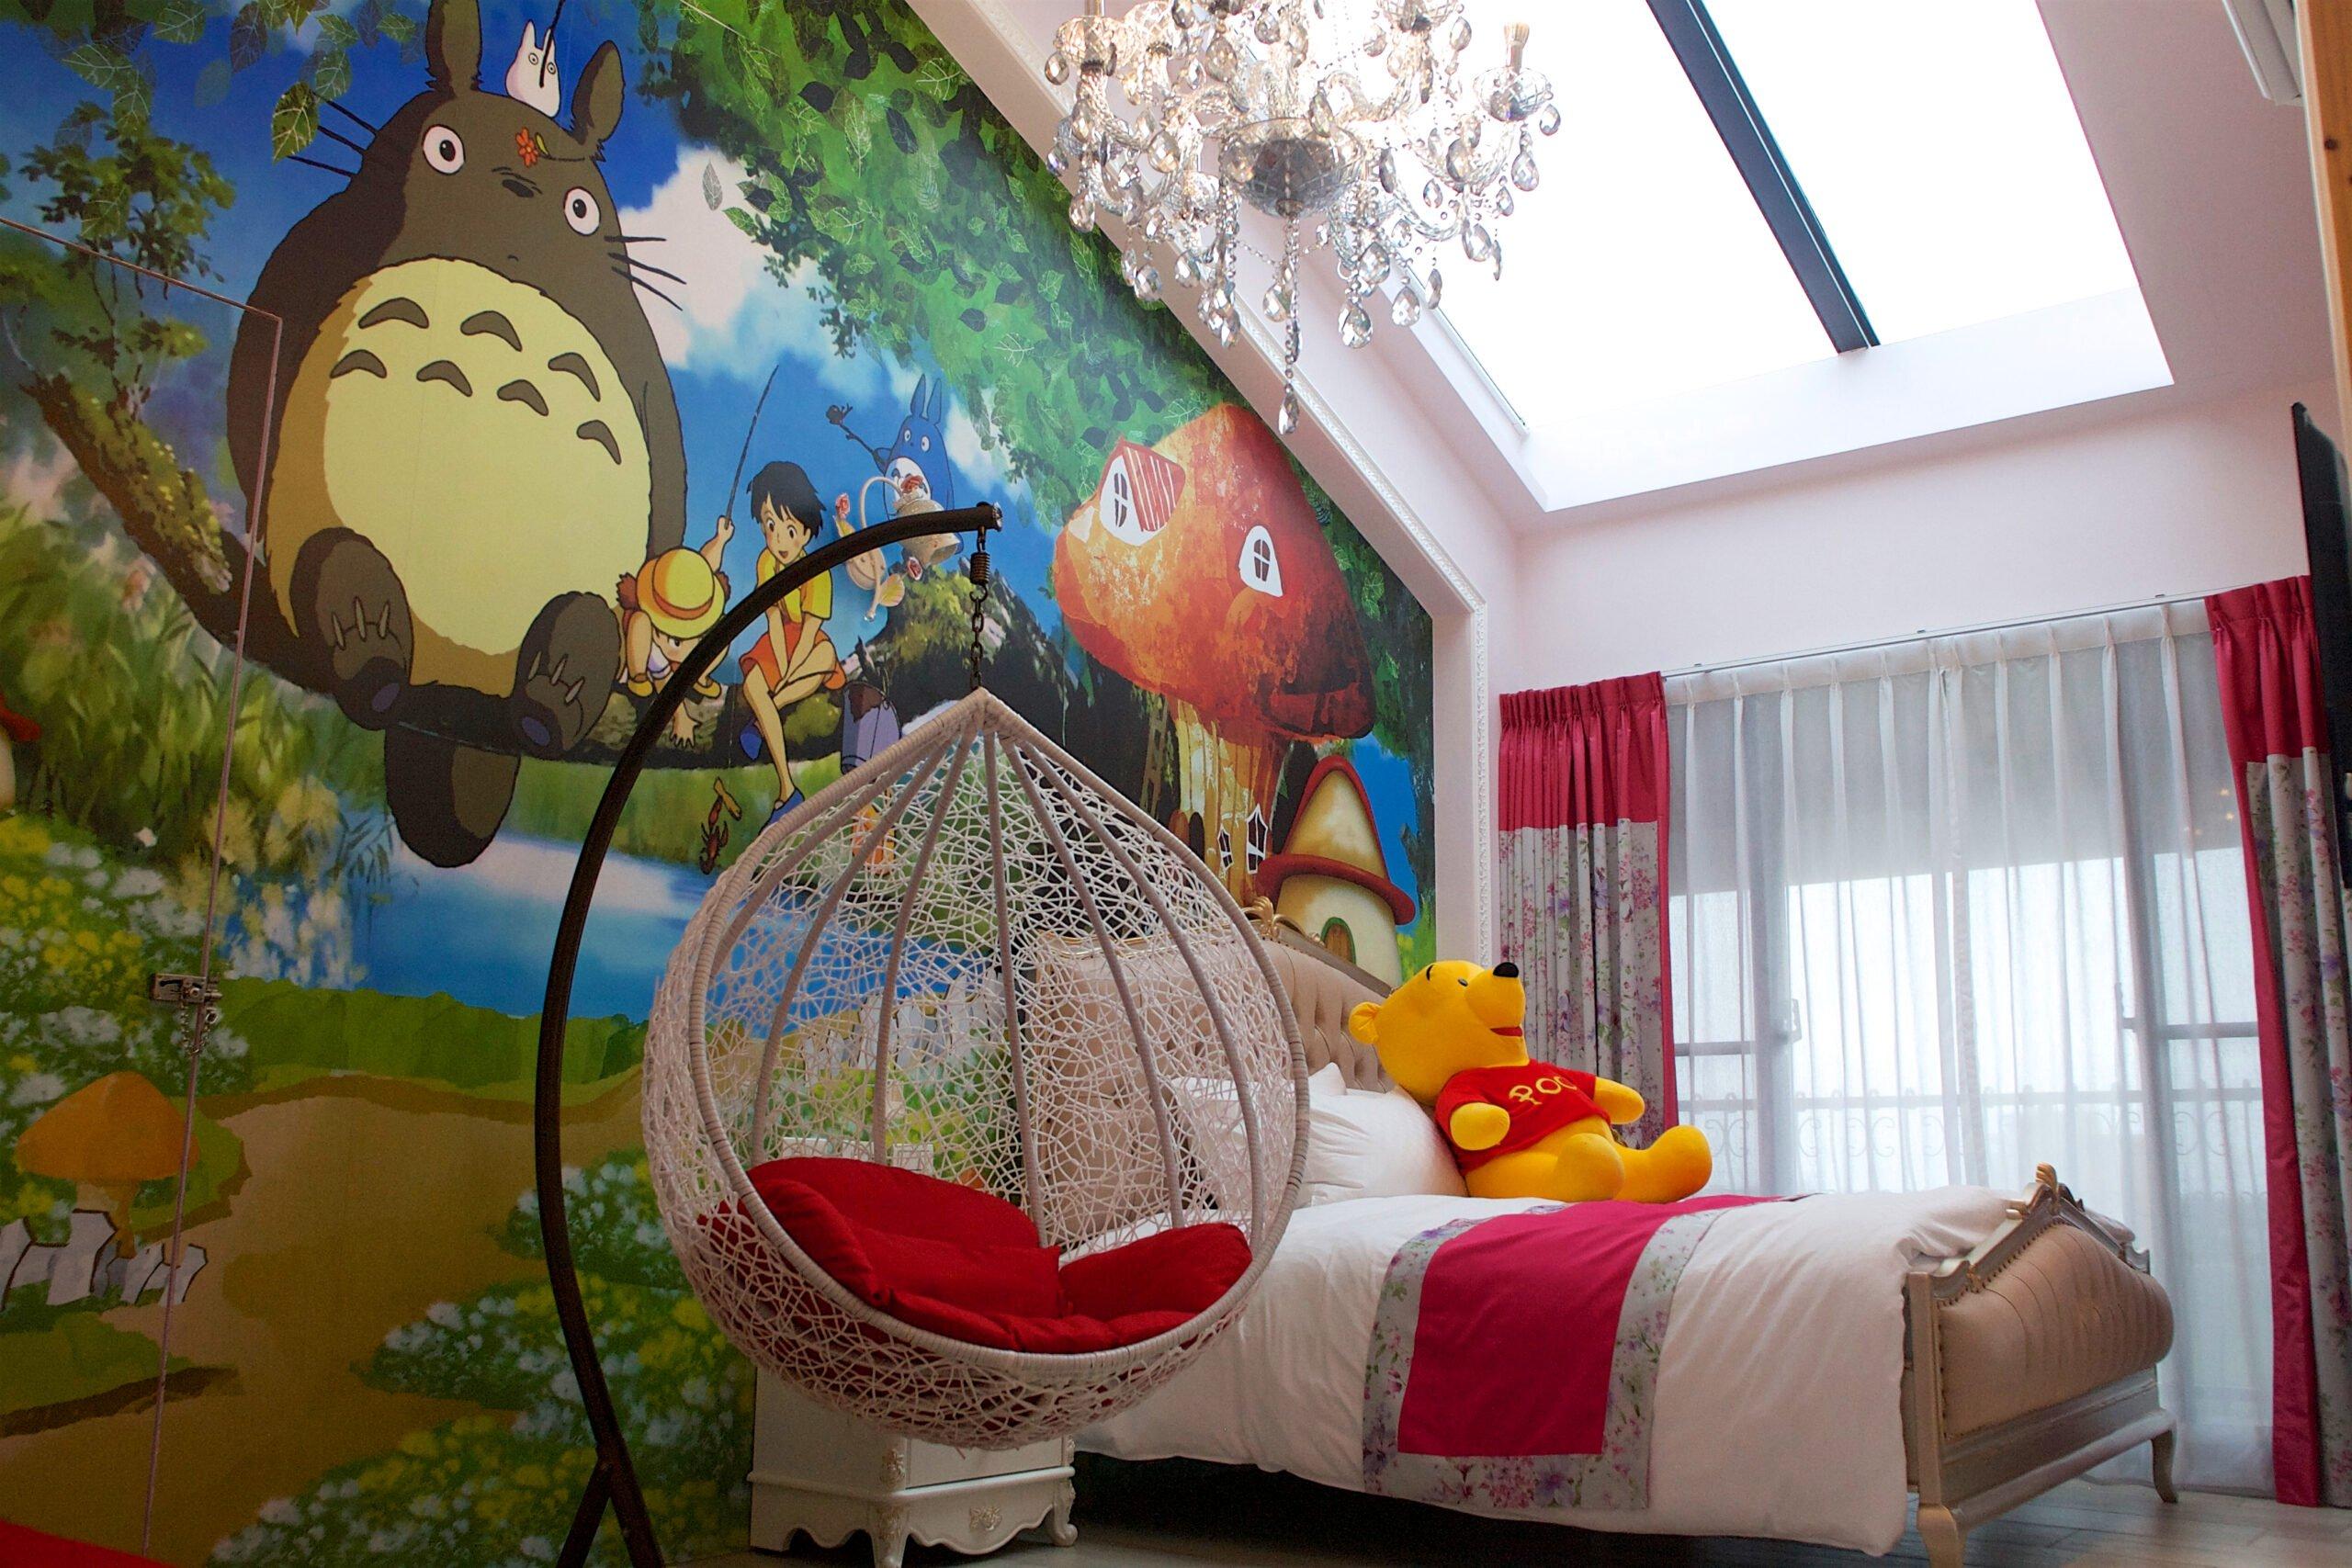 童話村桑椹_016:童話村民宿為「景觀溜滑梯湯屋民宿」,佈置得充滿童趣浪漫